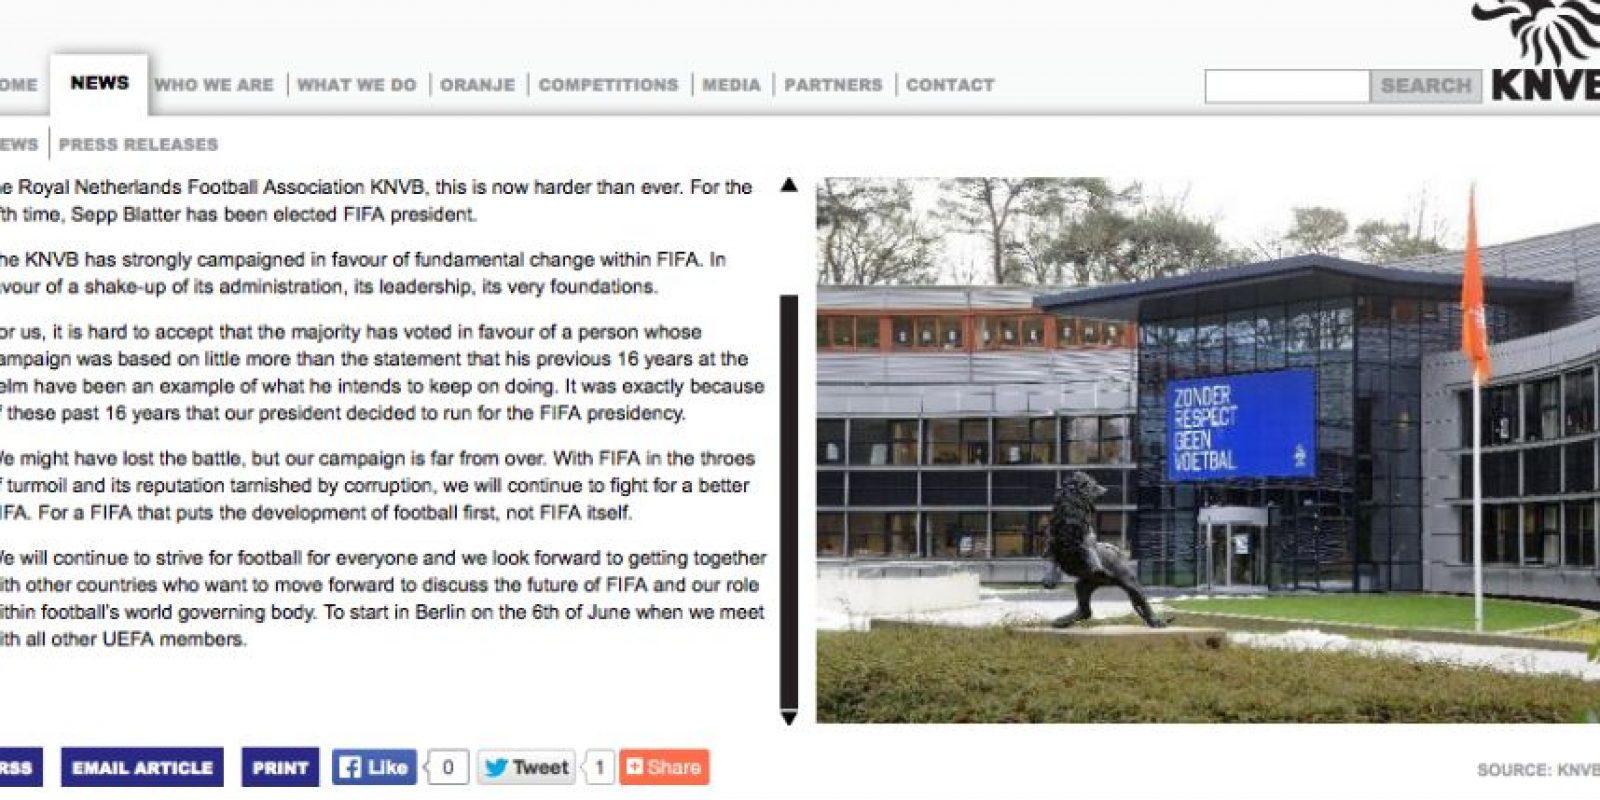 KNVB, Asociación Holandesa de Fútbol Foto:home.knvb.nl